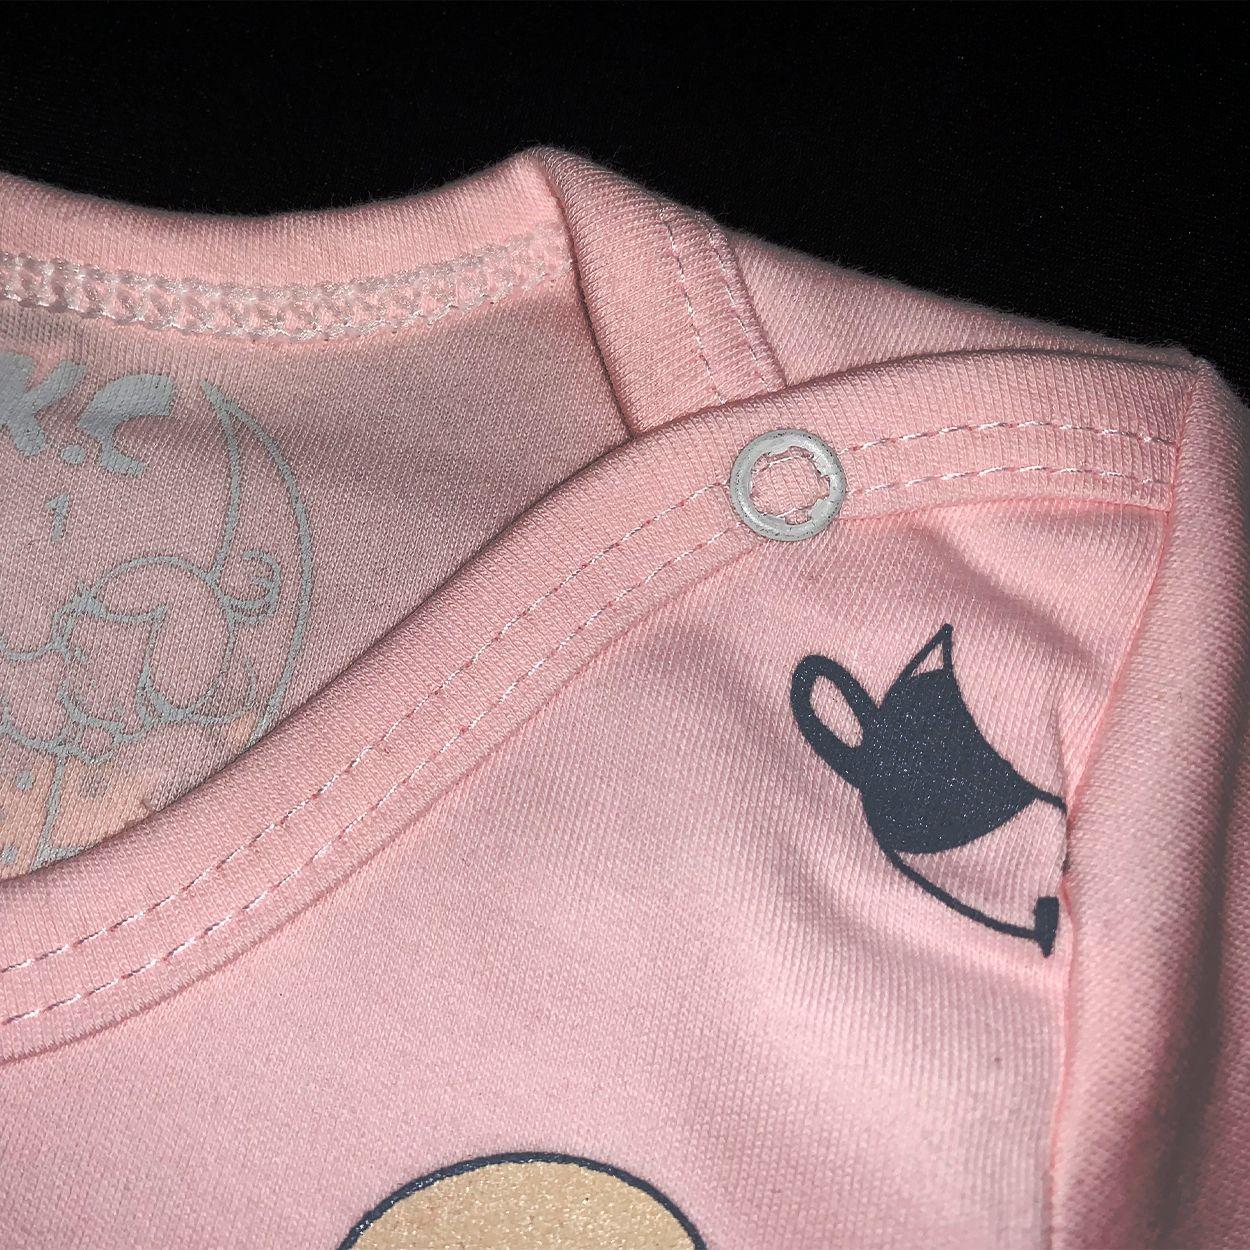 ست تی شرت و شلوار نوزادی طرح گاو کد FF-080 -  - 5